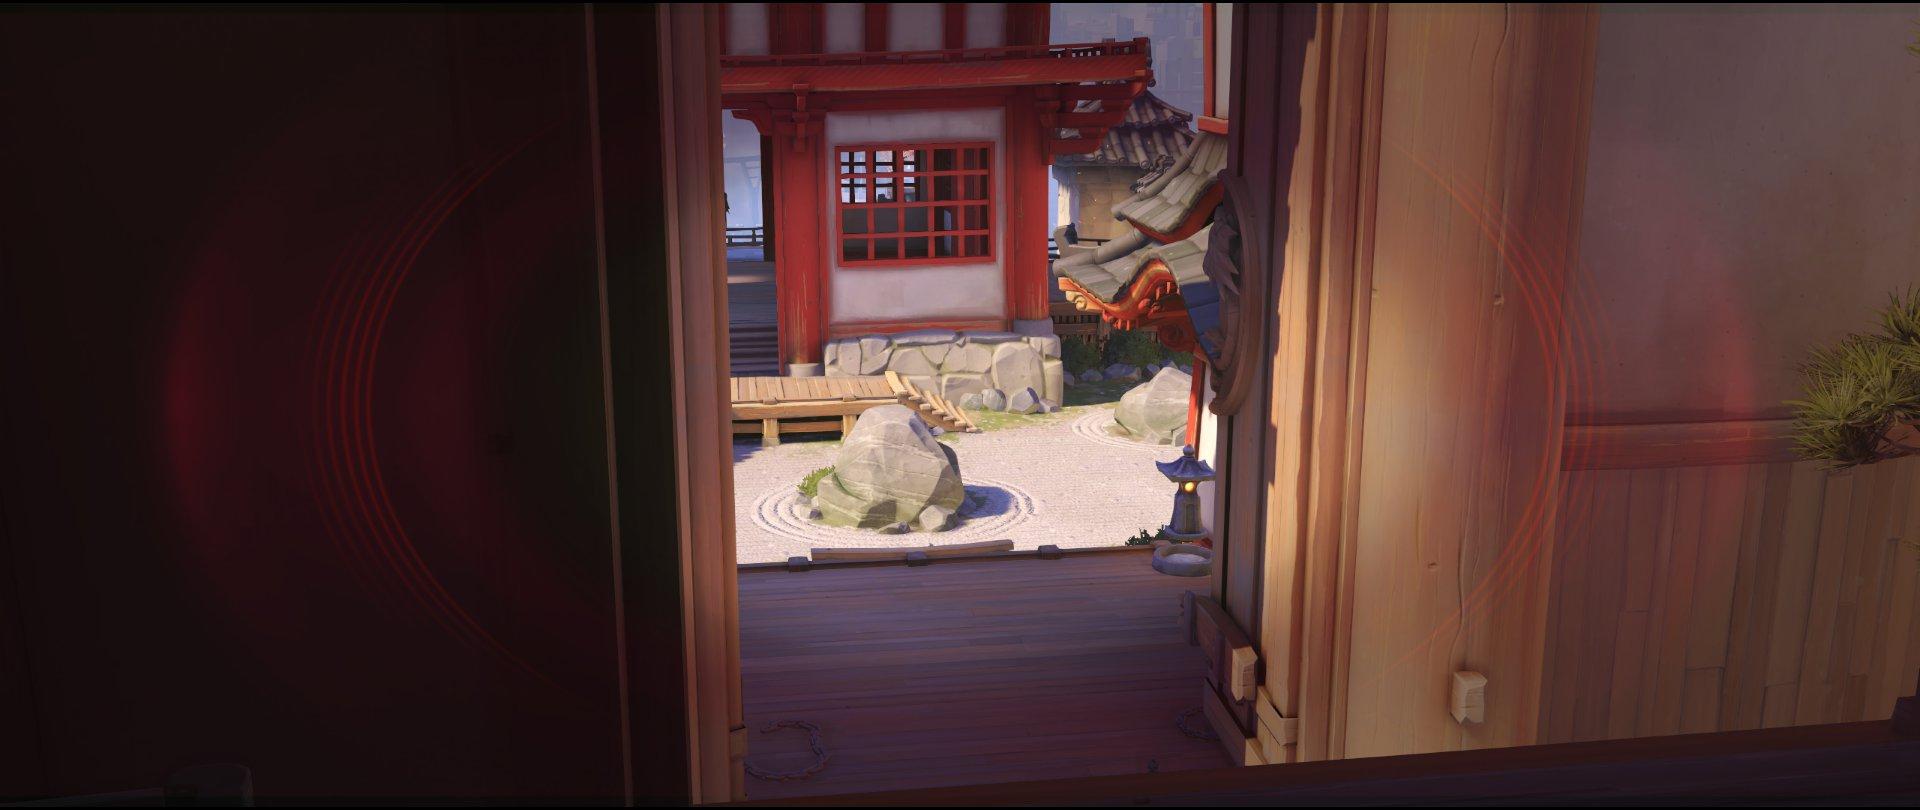 Loft view offense Widowmaker sniping spot Hanamura Overwatch.jpg